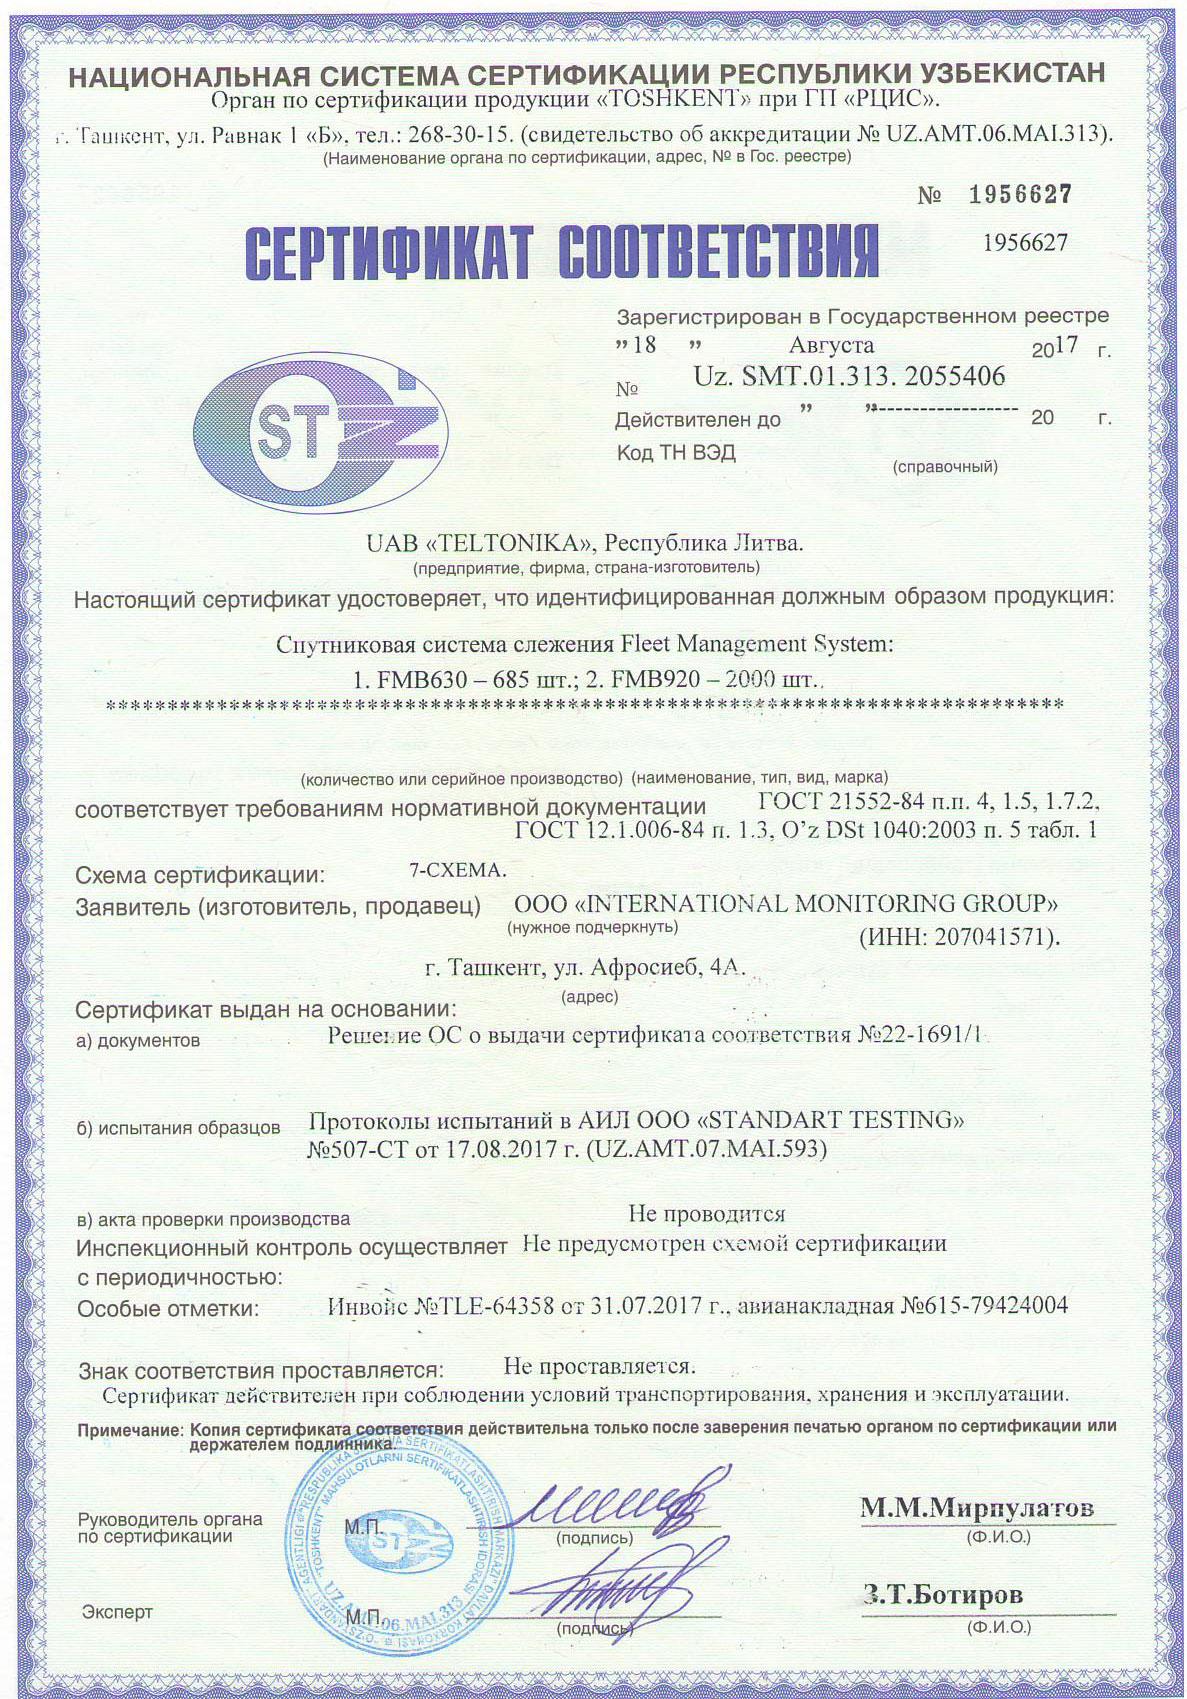 Сертификат соответствия TELTONIKA